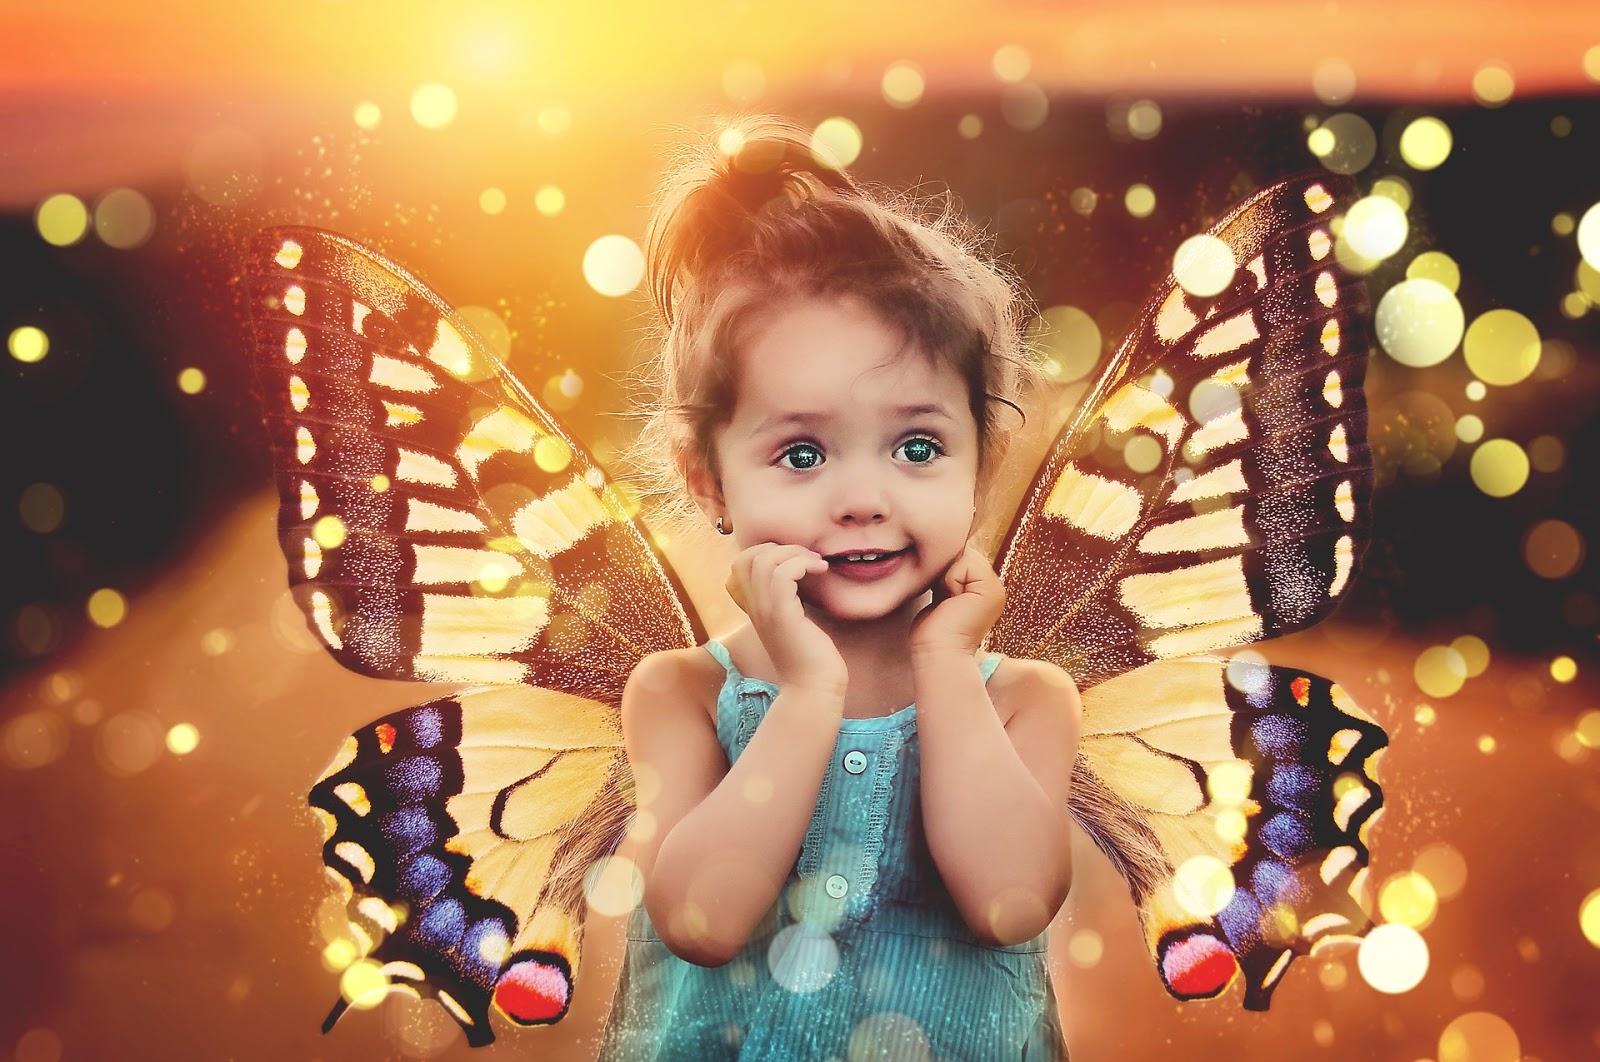 kryształowe dziecko, magiczne dziecko